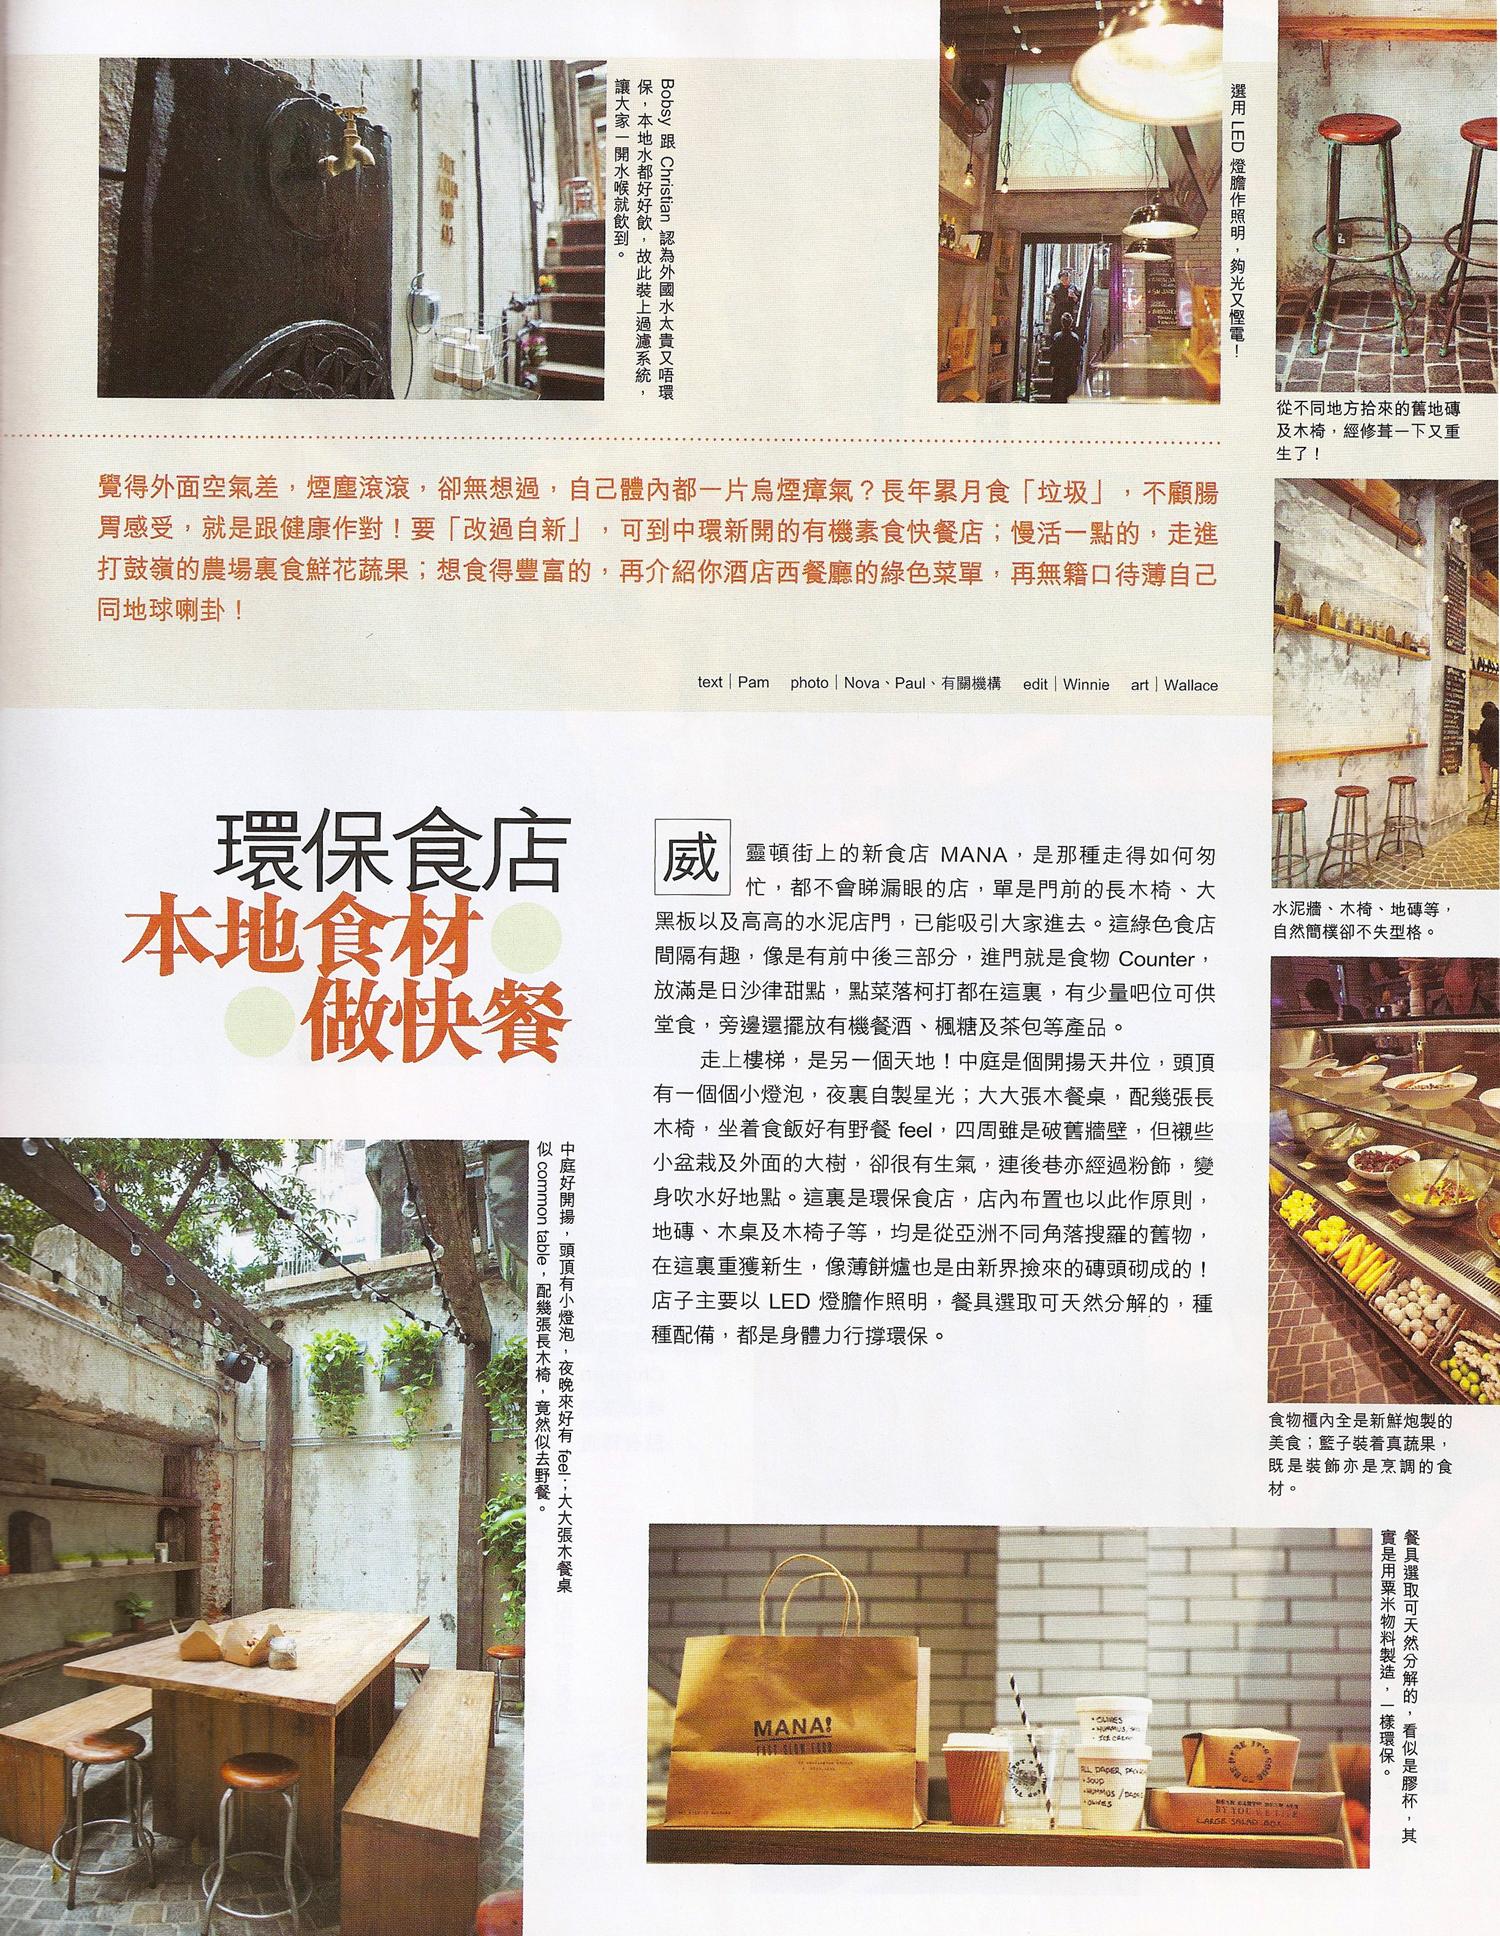 2012-07 Chinese Media Hot Topic 02.jpg